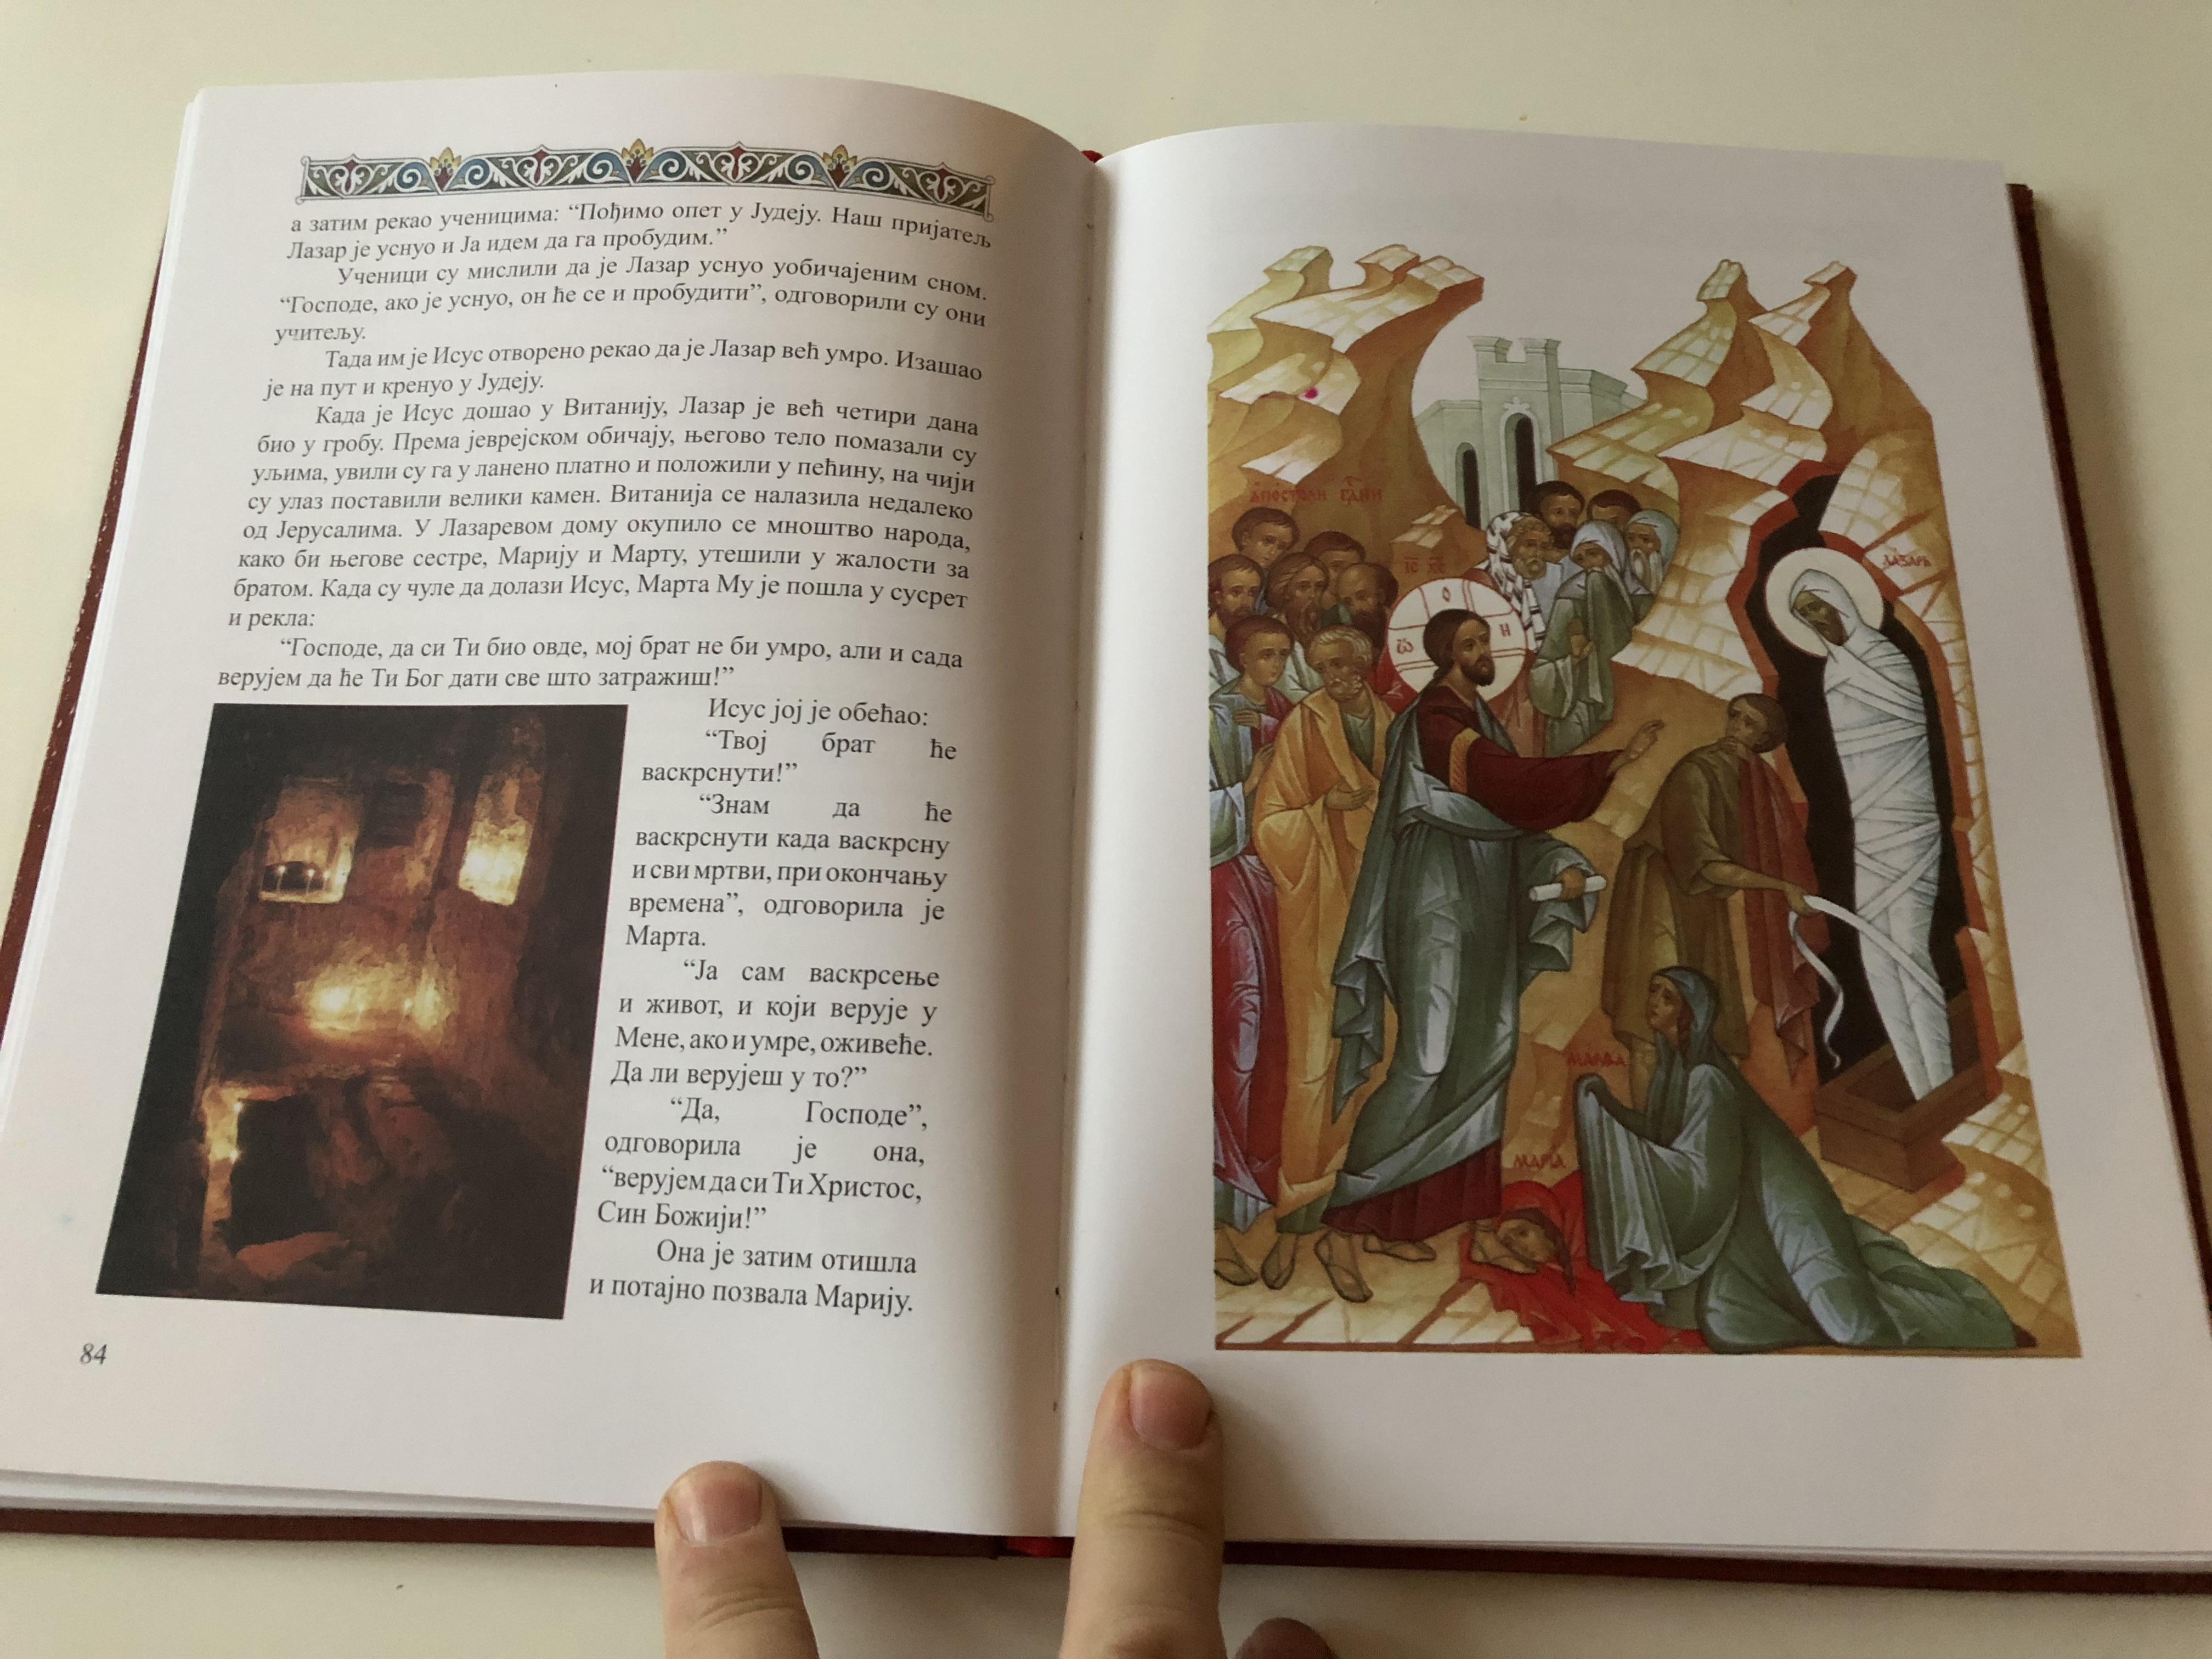 serbian-gospel-retold-for-children-9-.jpg